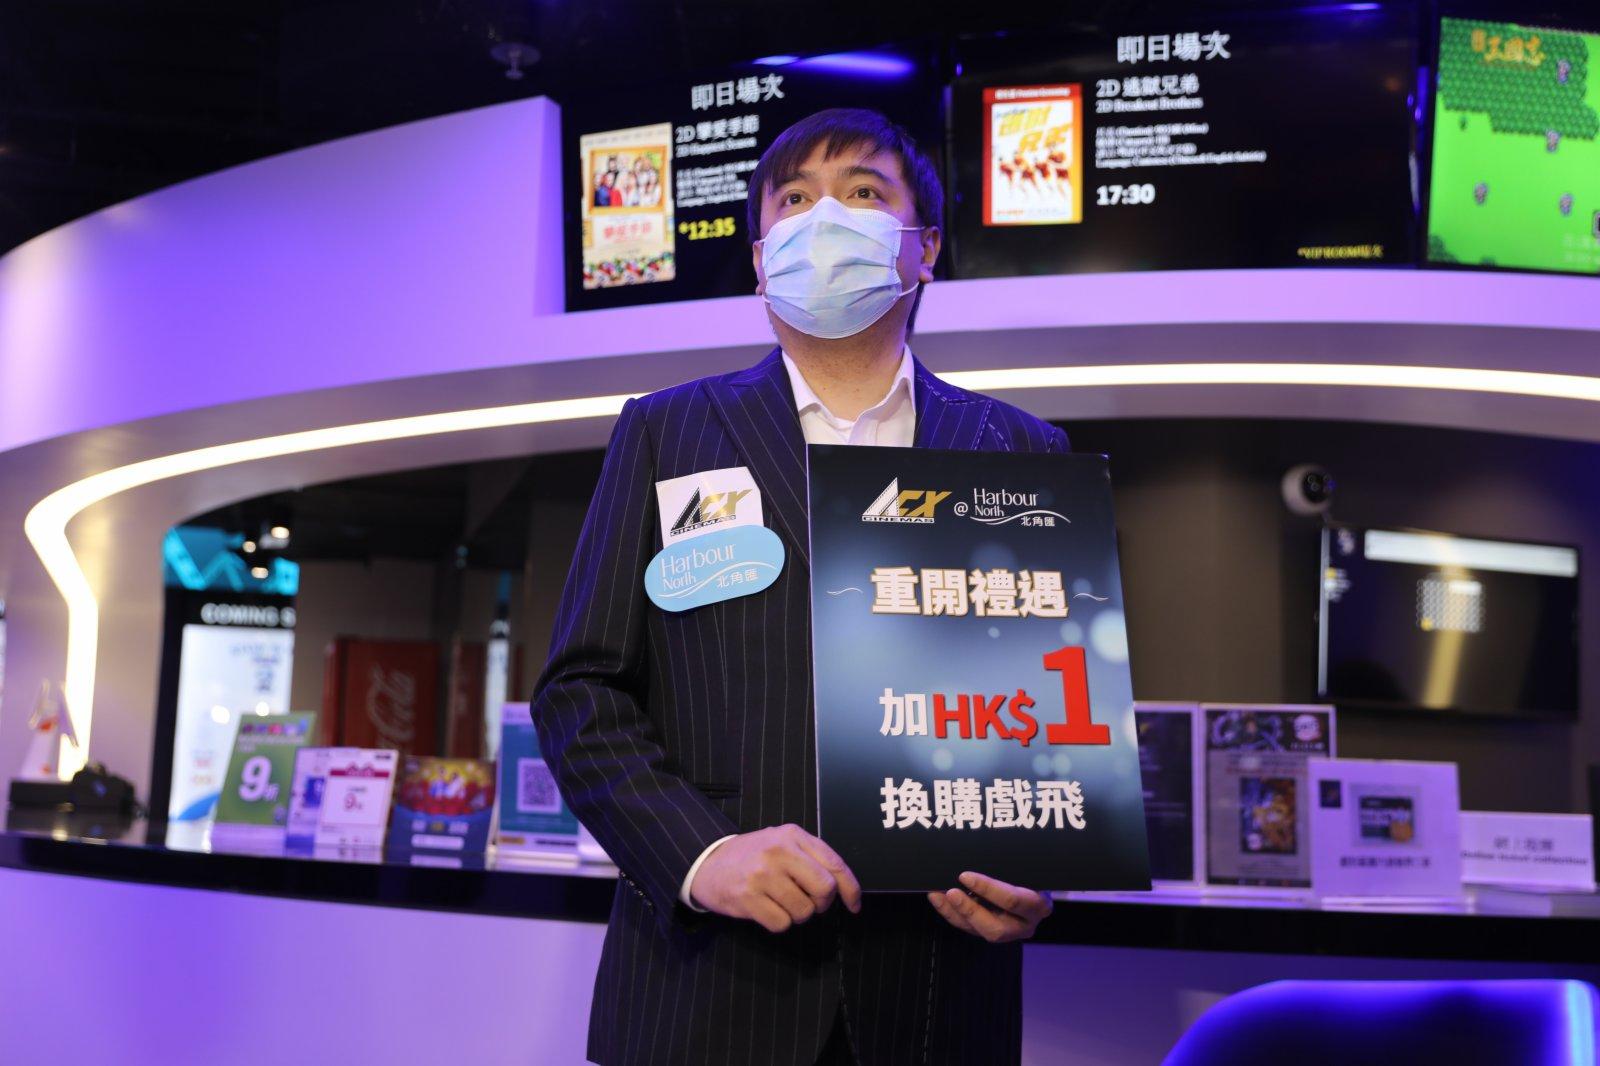 北角匯ACX Cinemas重開,聯同商戶推出「加$1睇好戲」的「睇戲‧消費」5重賞。  (大公文匯全媒體記者 攝)